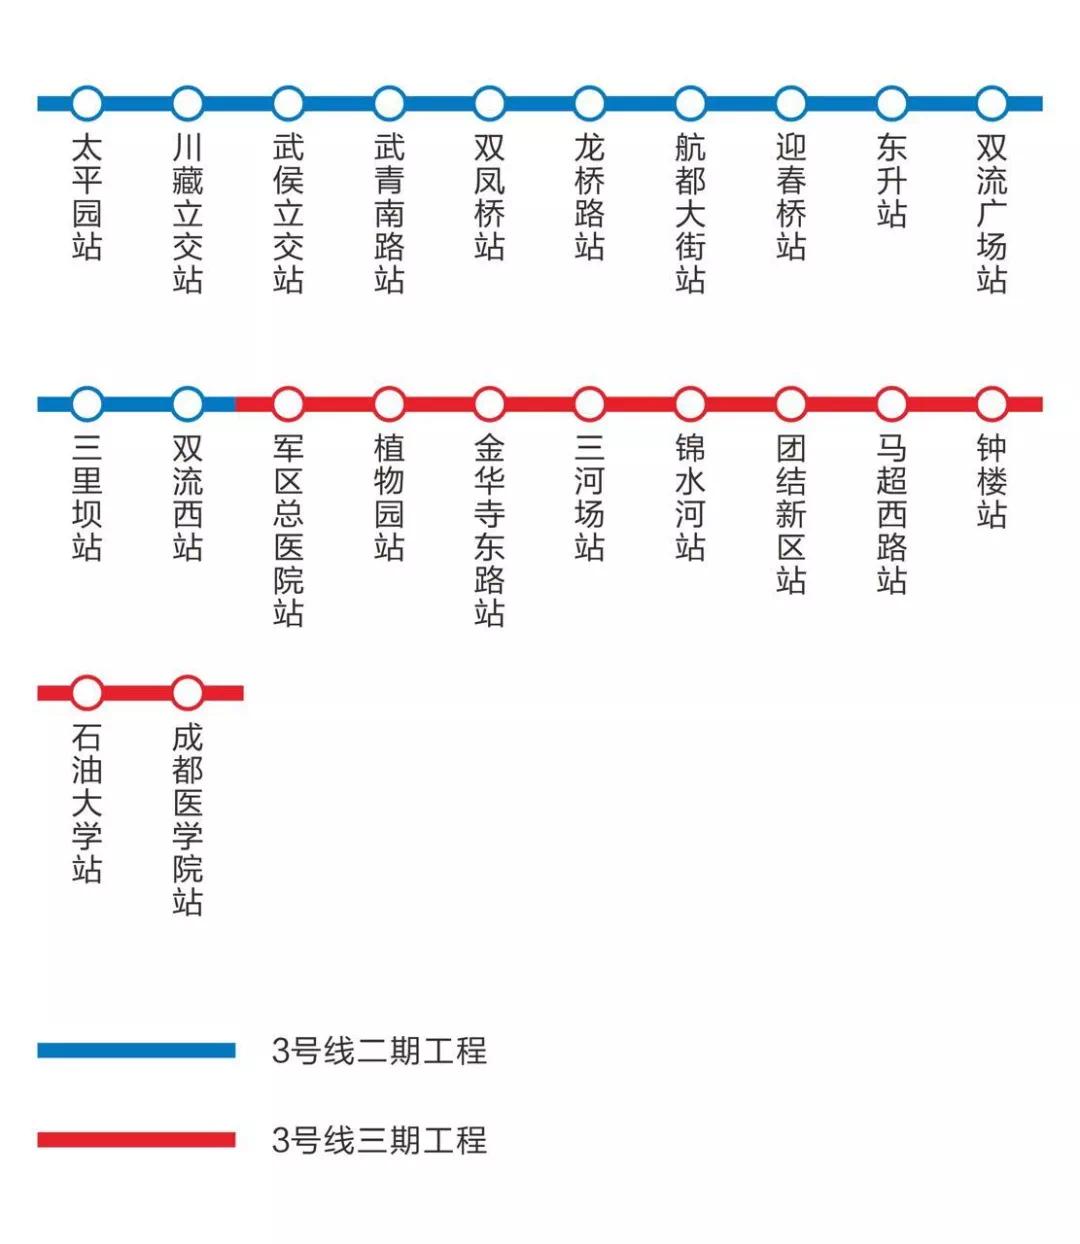 好消息!成都地铁3号线二三期年底开通试运营!